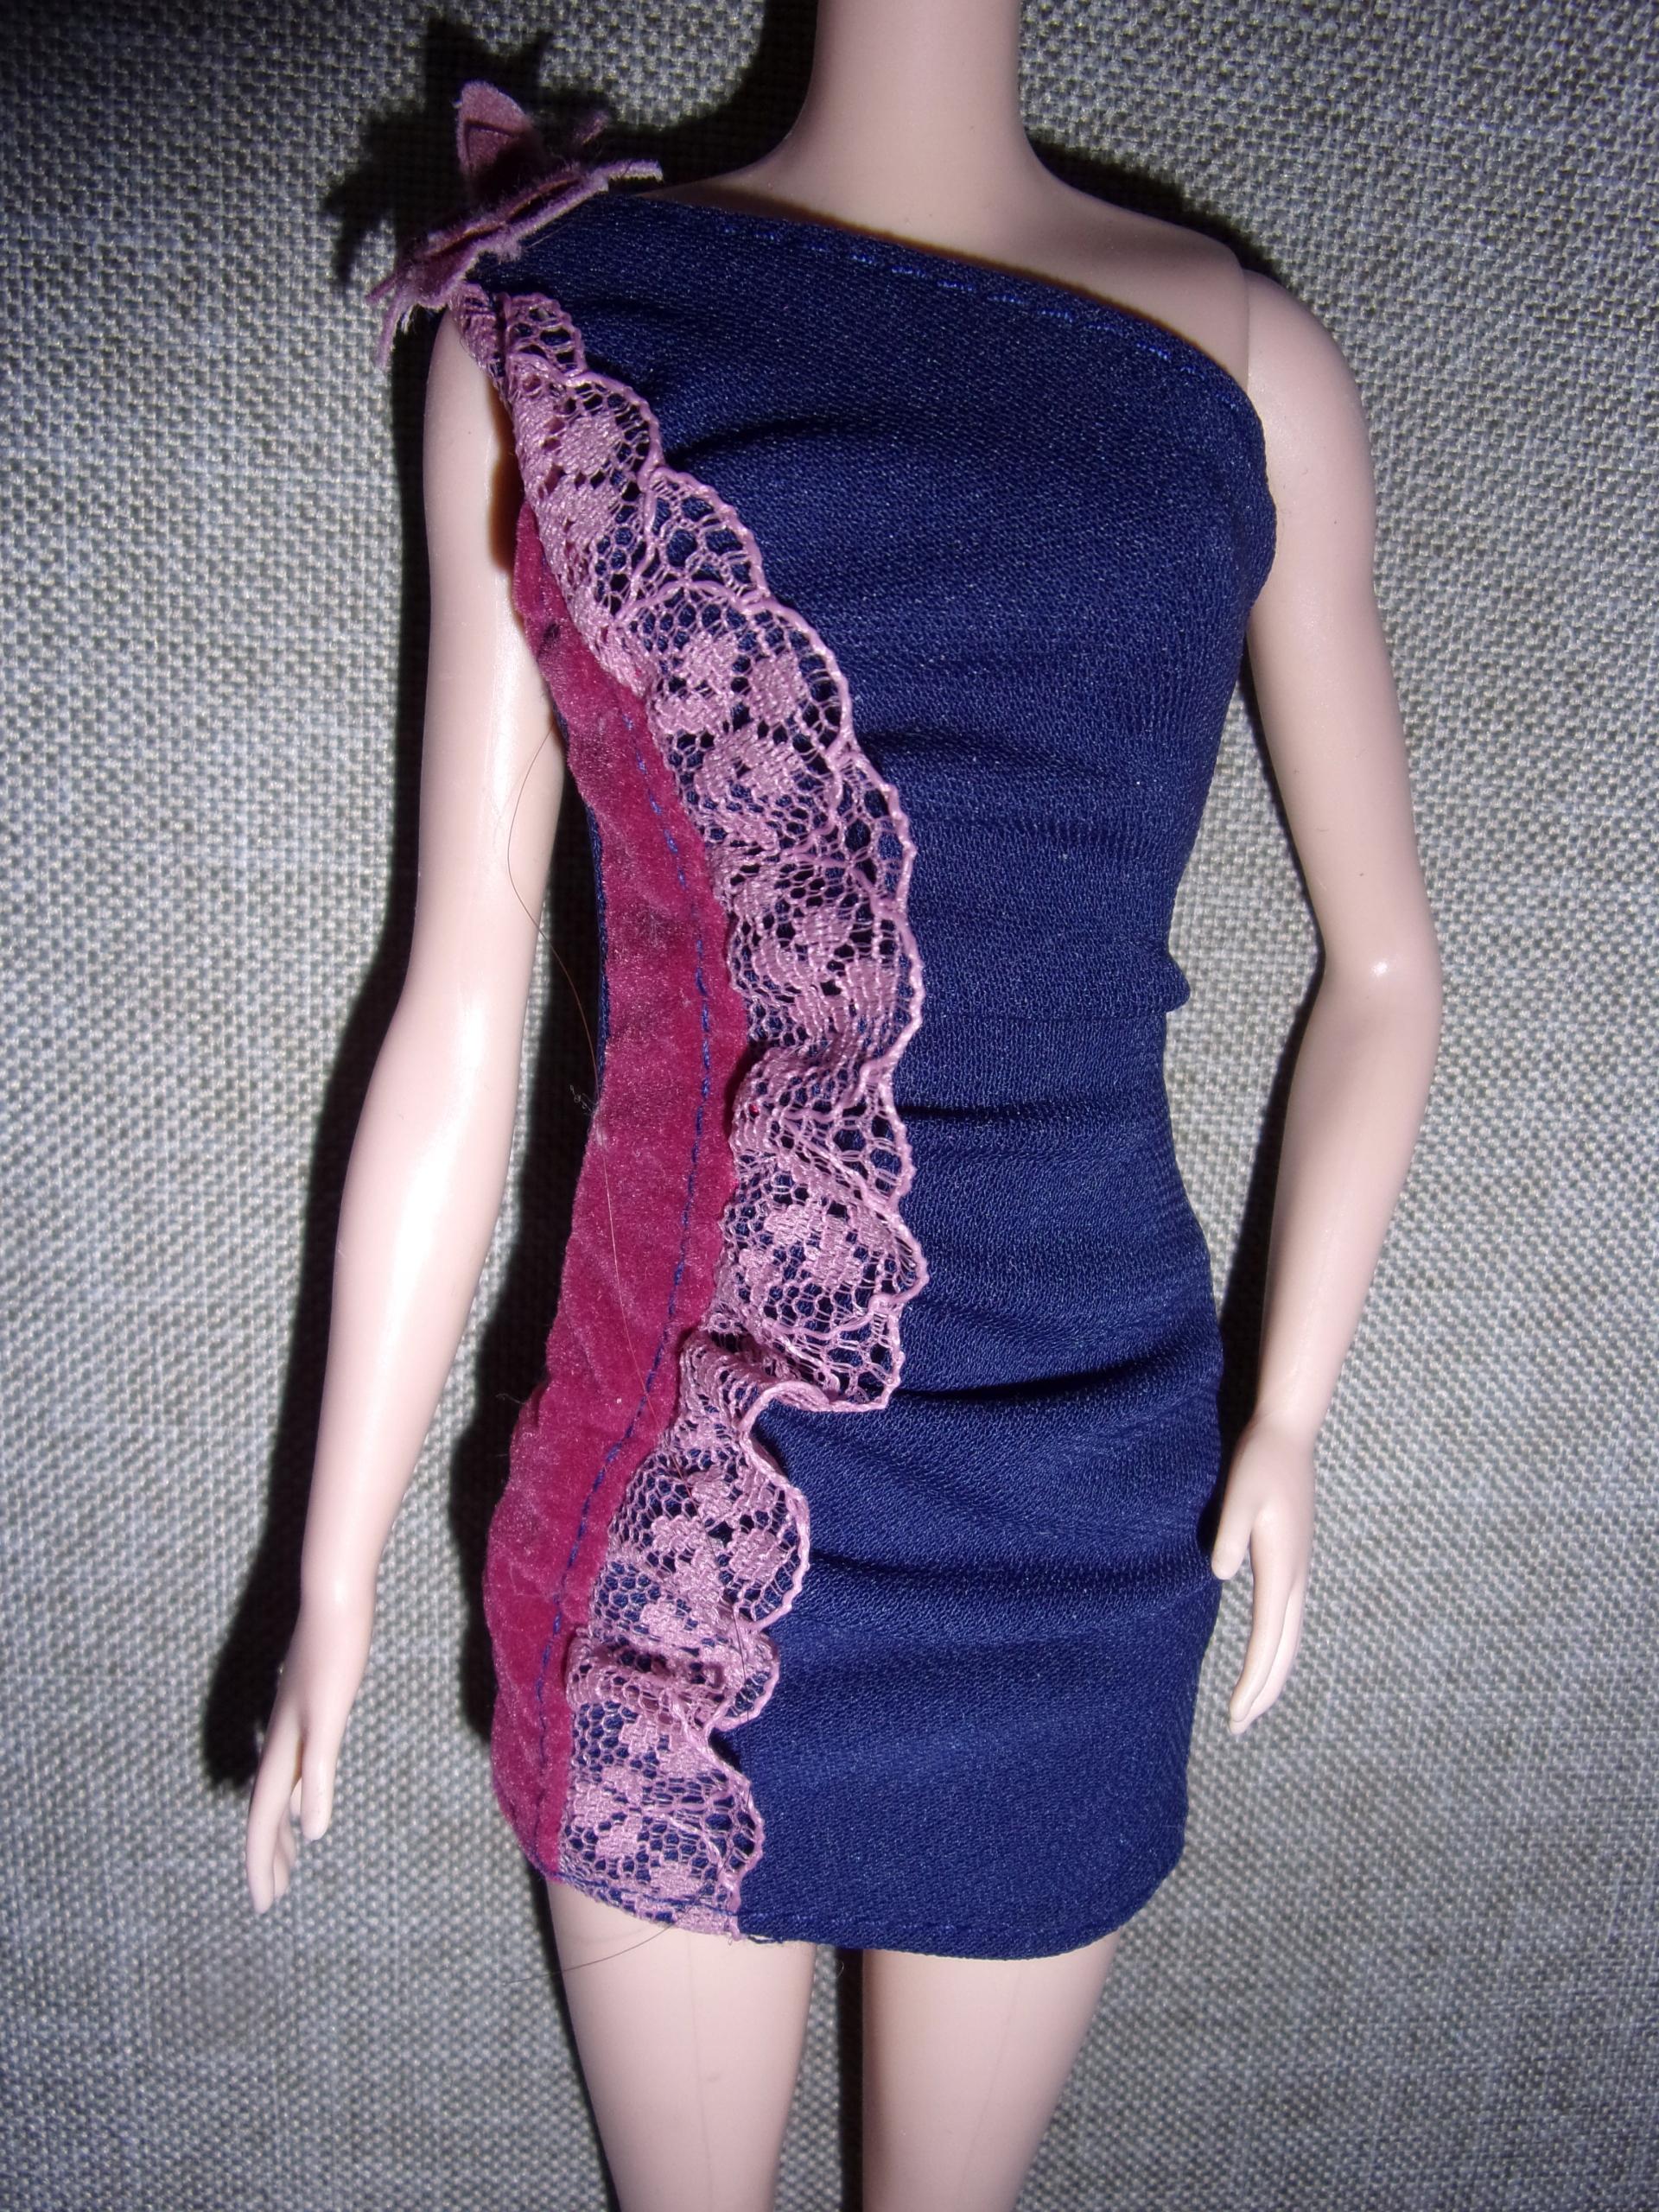 Bankietowa sukienka Lalki Barbie na wieczór